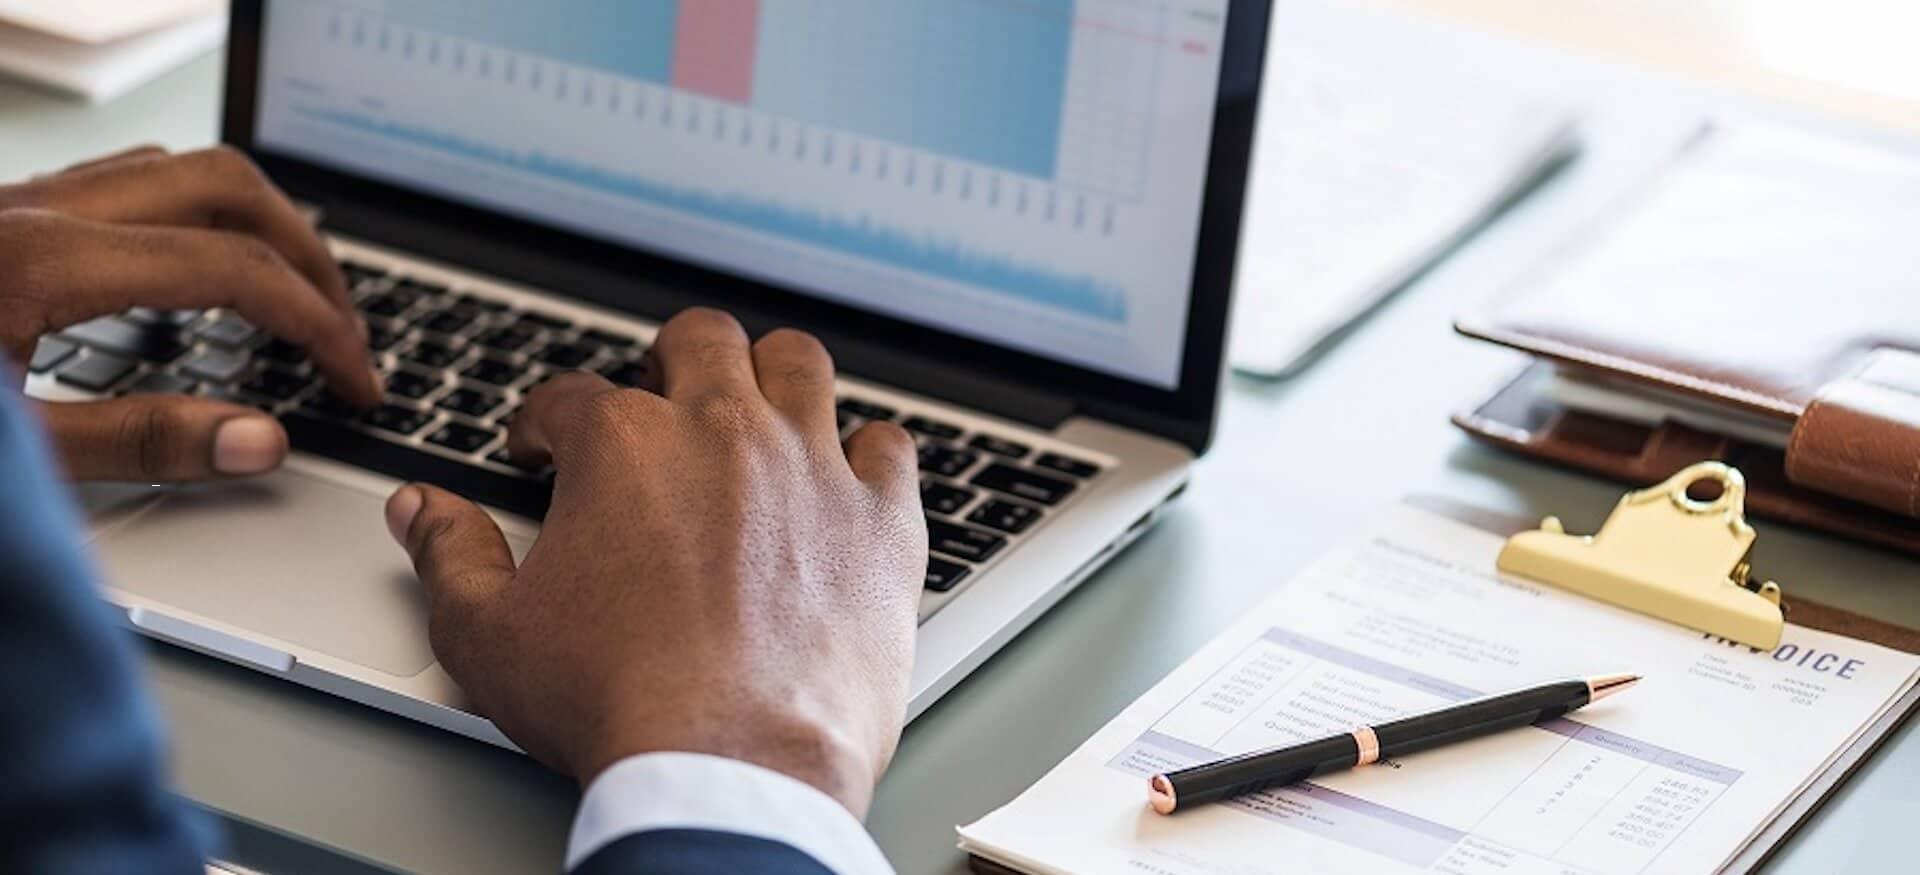 Internes Rechnungswesen Online-Kurs